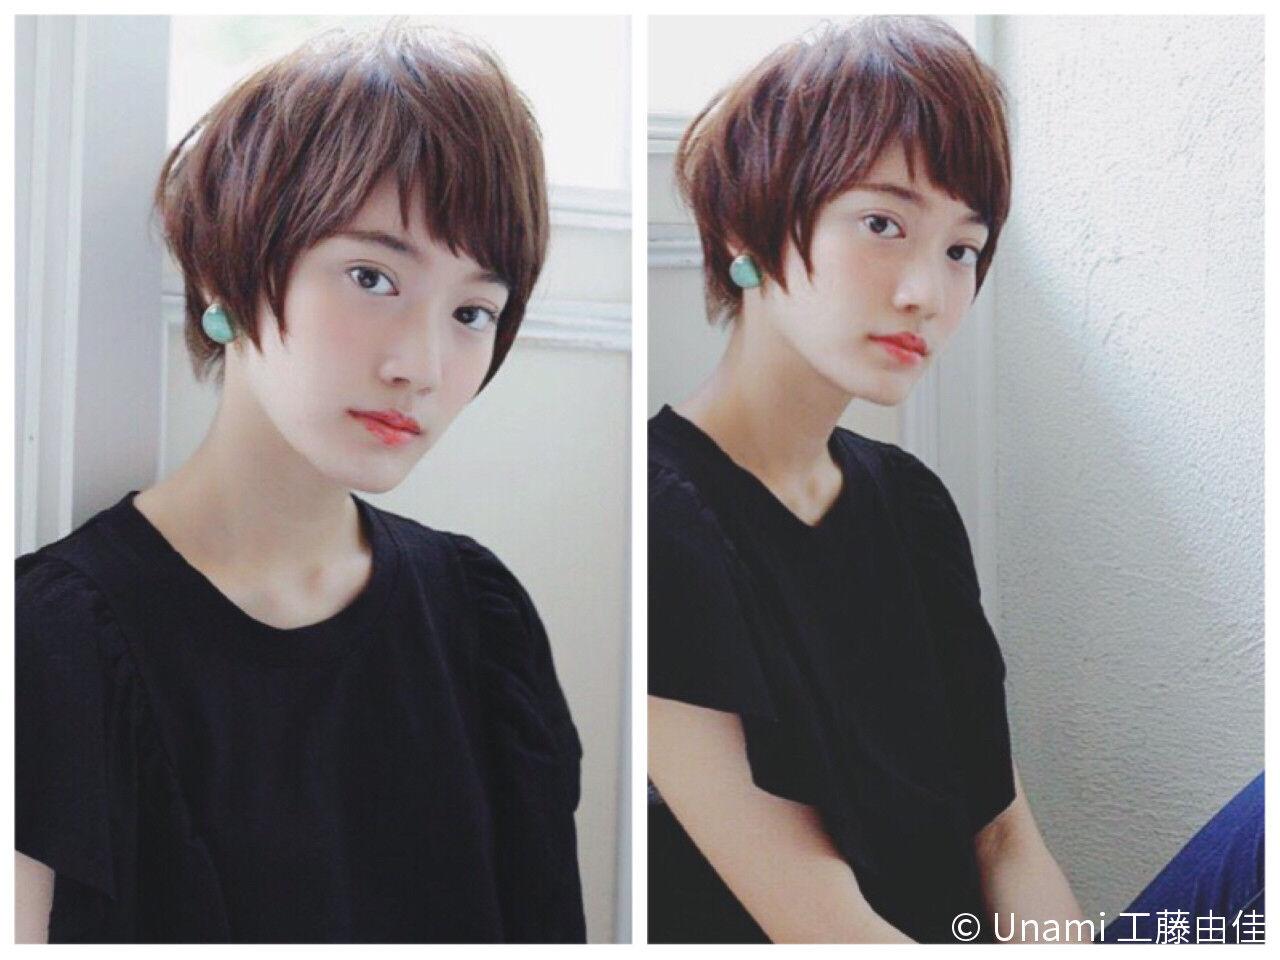 小顔 似合わせ ショート ショートボブヘアスタイルや髪型の写真・画像